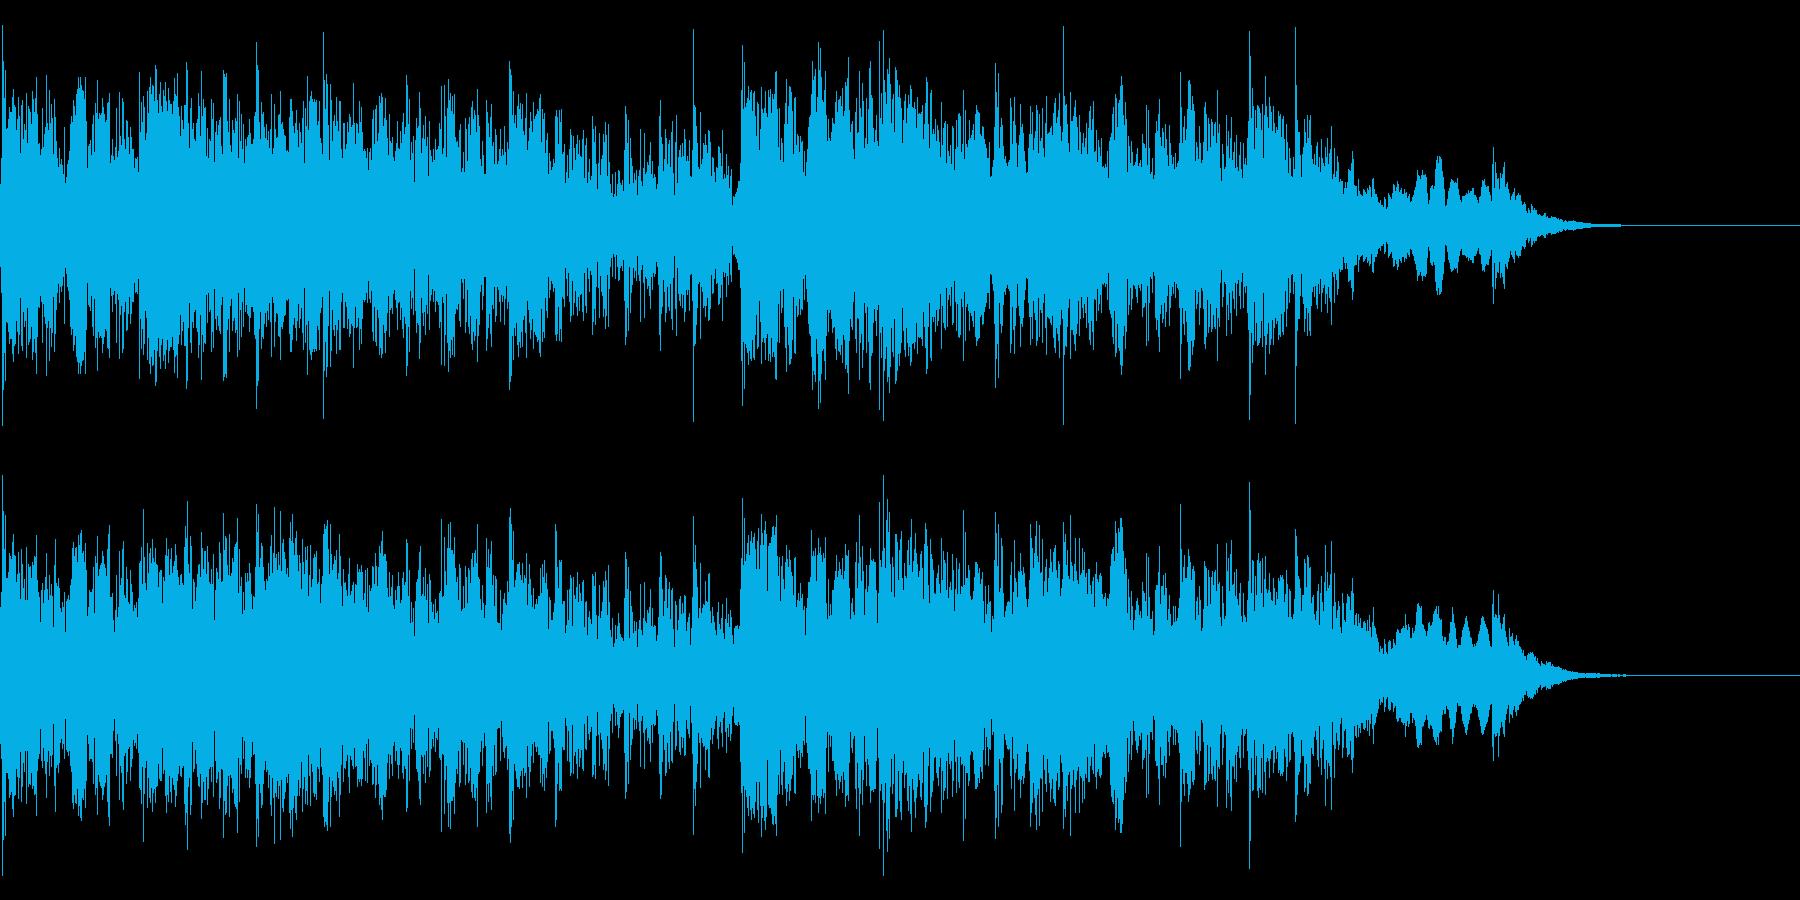 YouTube尺八による和風ジングル06の再生済みの波形